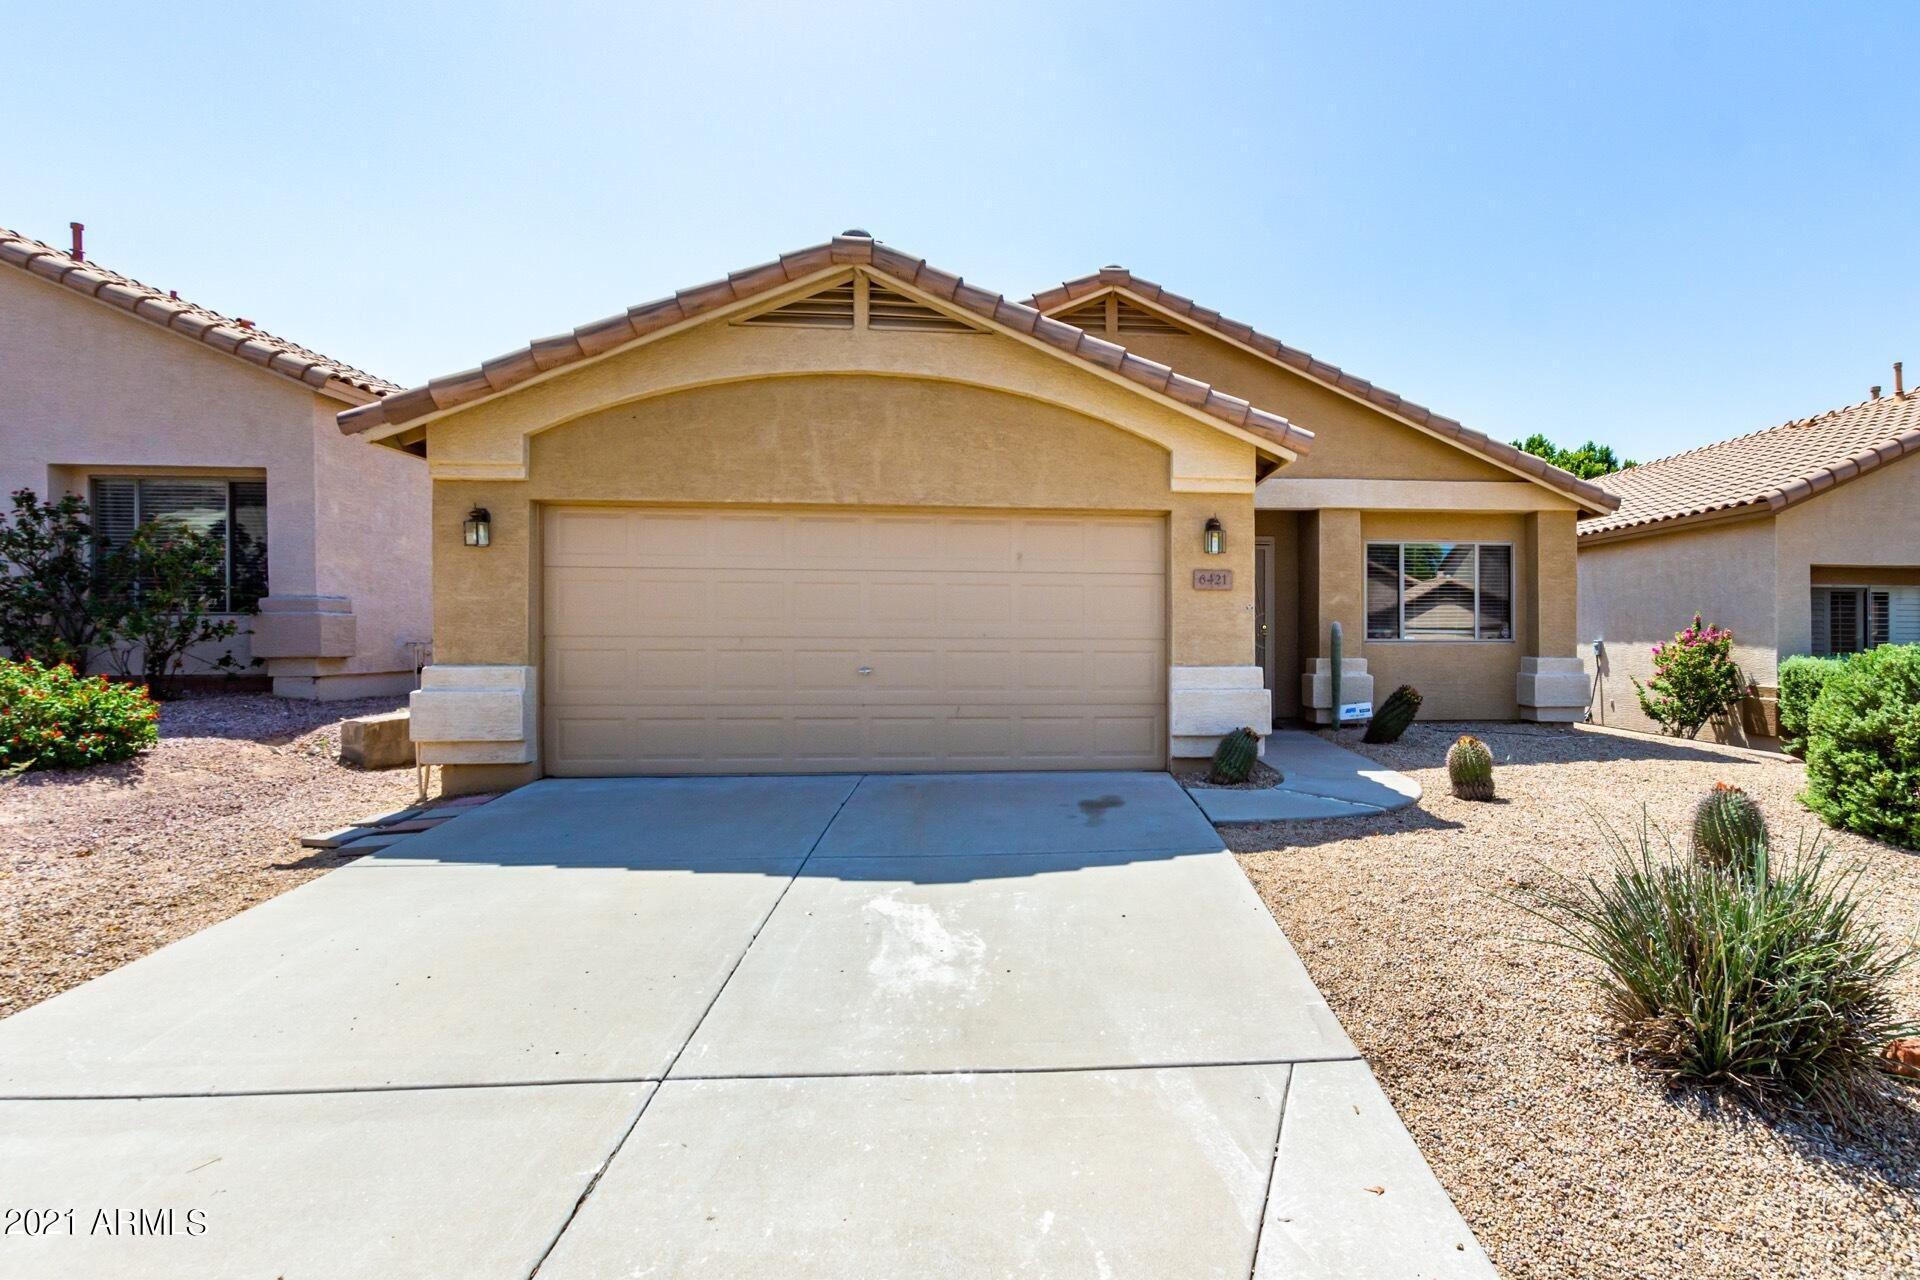 6421 W SADDLEHORN Road, Phoenix, AZ 85083 - MLS#: 6295427